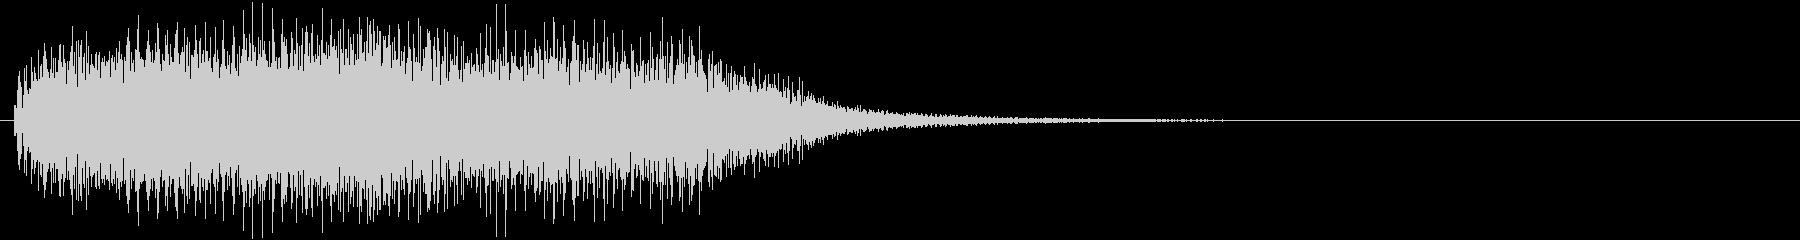 汎用01 ジャーンの未再生の波形